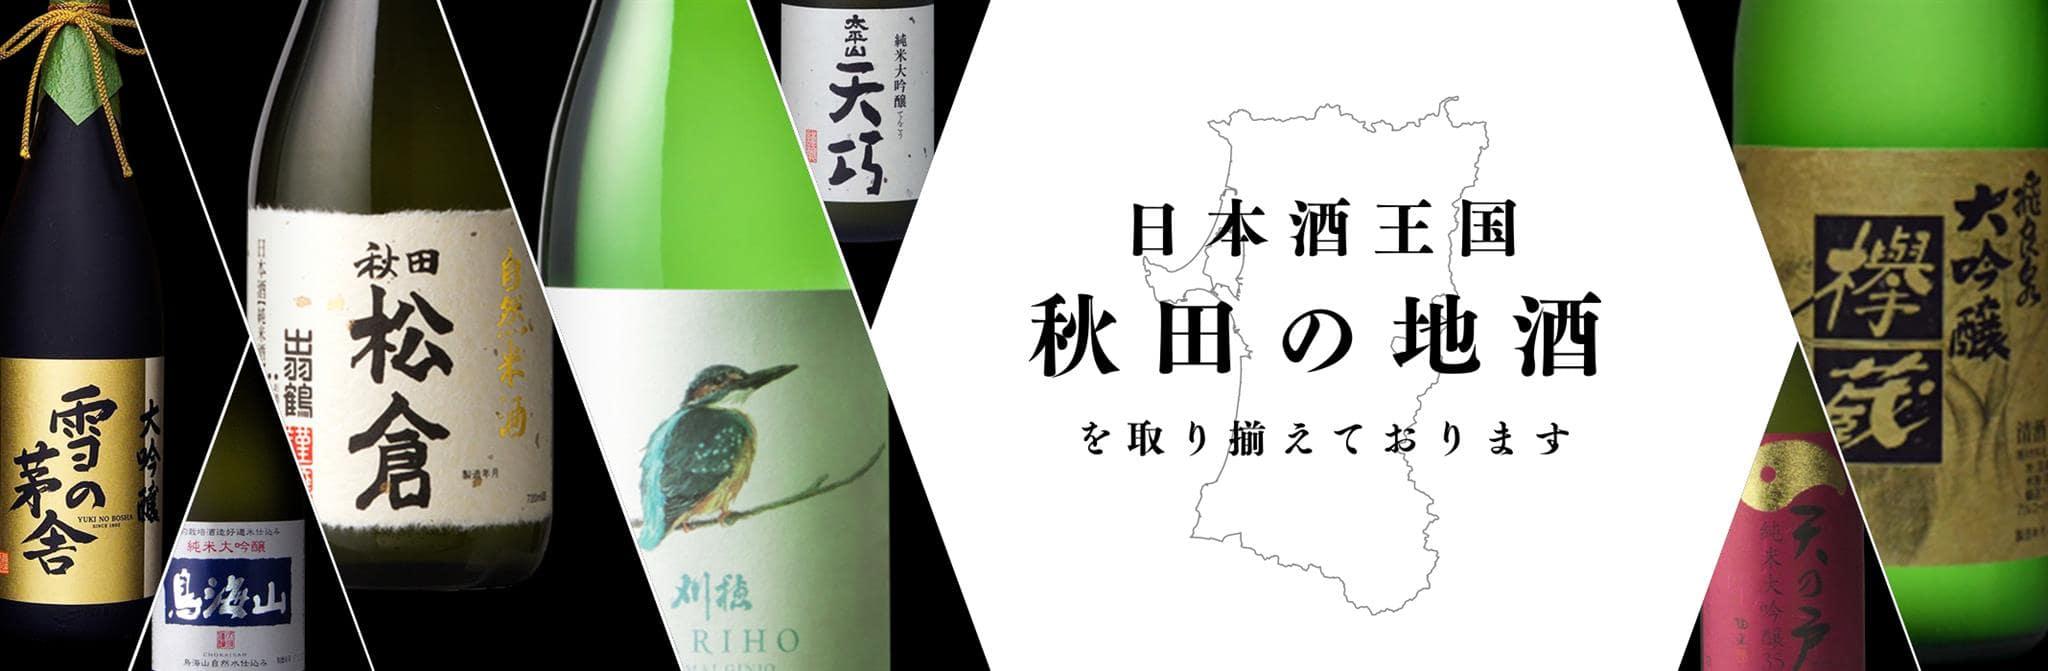 日本酒王国 秋田の地酒を取り揃えております